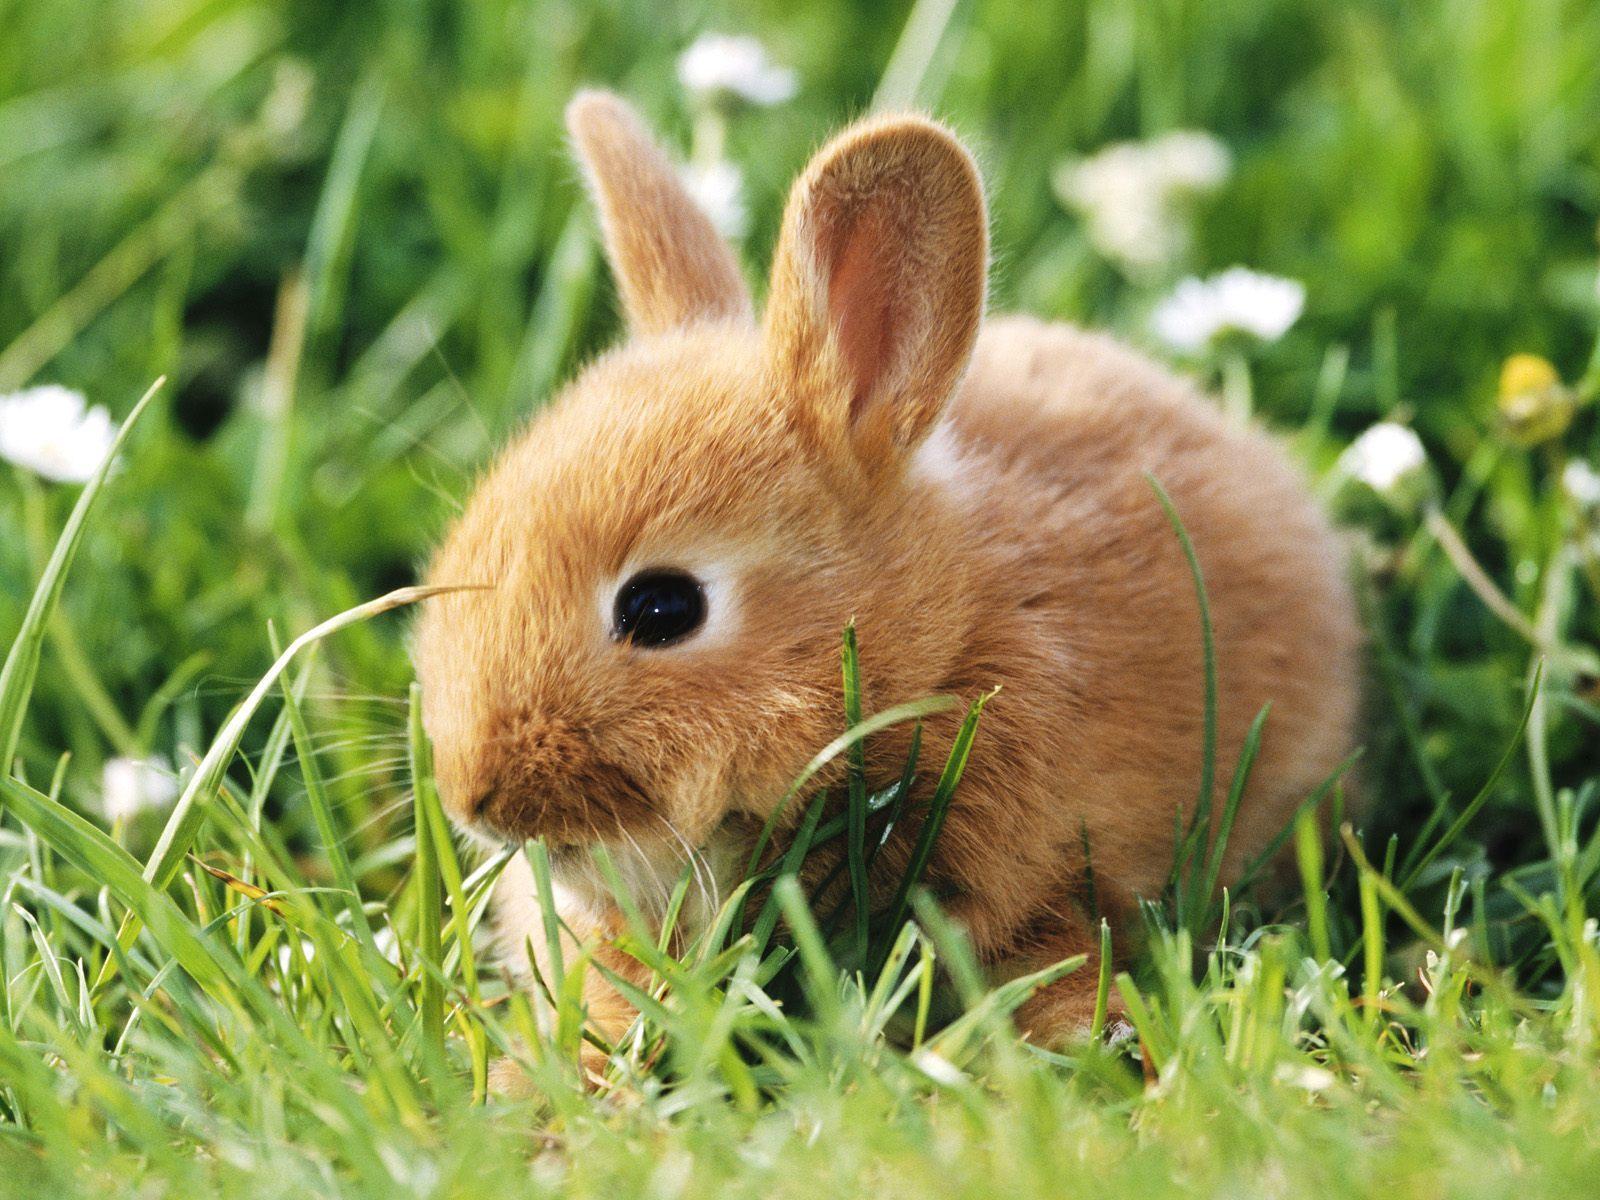 Handy-Wallpaper Tiere, Kaninchen kostenlos herunterladen.